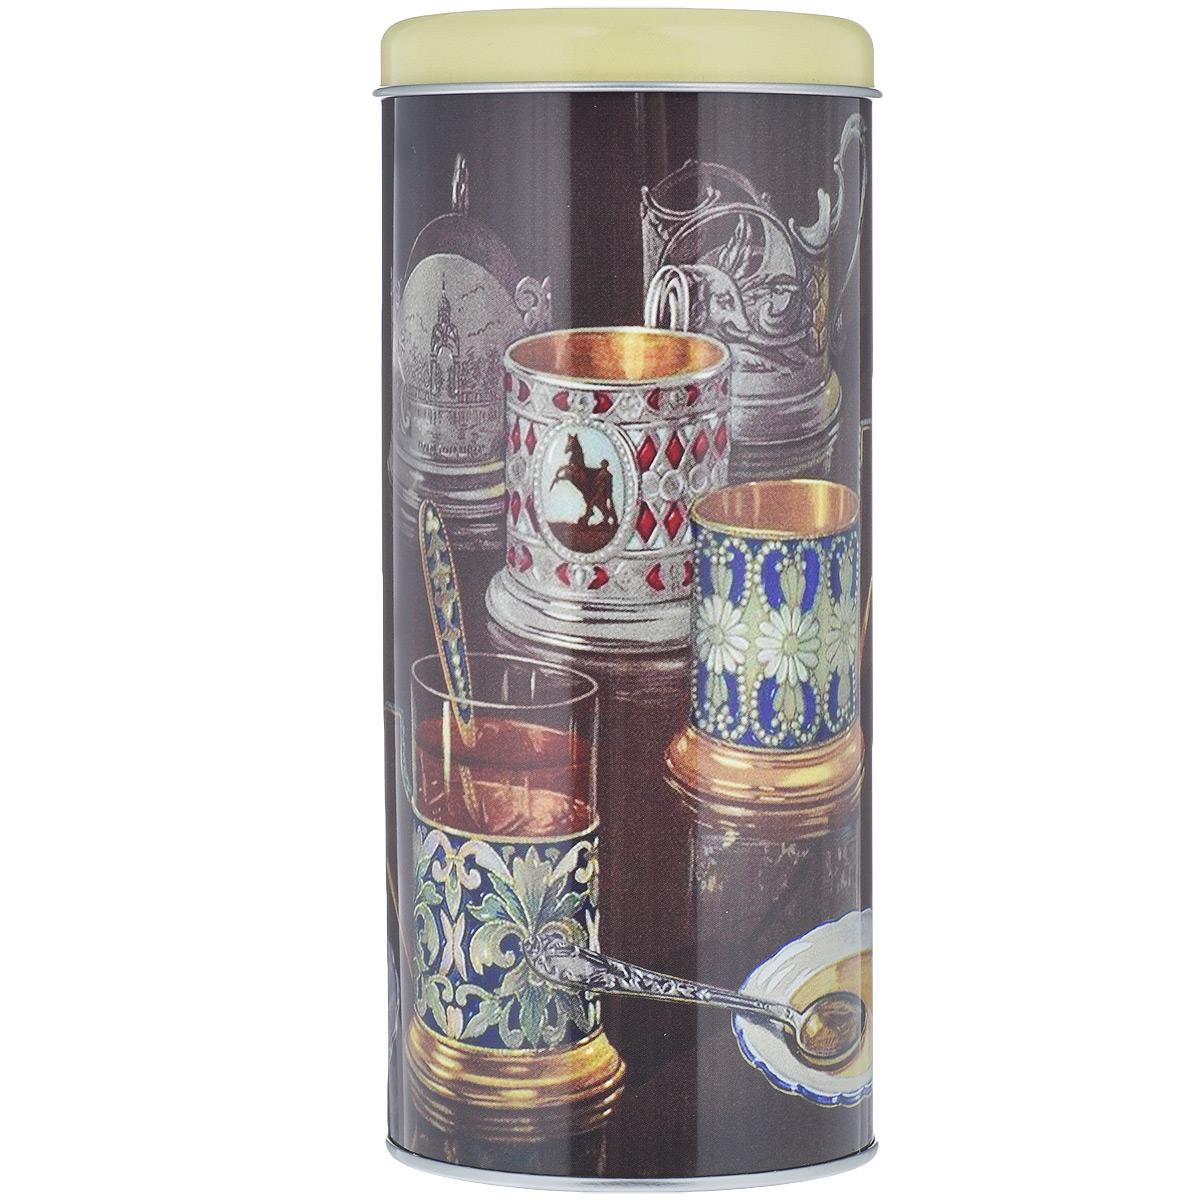 Банка для сыпучих продуктов Подстаканники, 750 млАксион Т-33Банка для сыпучих продуктов Подстаканники изготовлена из металла и оснащена крышкой. Корпус банки оформлен рисунком с изображением стаканов в подстаканниках. Изделие идеально подойдет для хранения чая, кофе, сахара или других сыпучих продуктов. Банка сохраняет продукты свежими и ароматными на длительное время. Функциональная и вместительная, такая банка станет незаменимым аксессуаром и стильно оформит интерьер кухни.Объем: 750 мл.